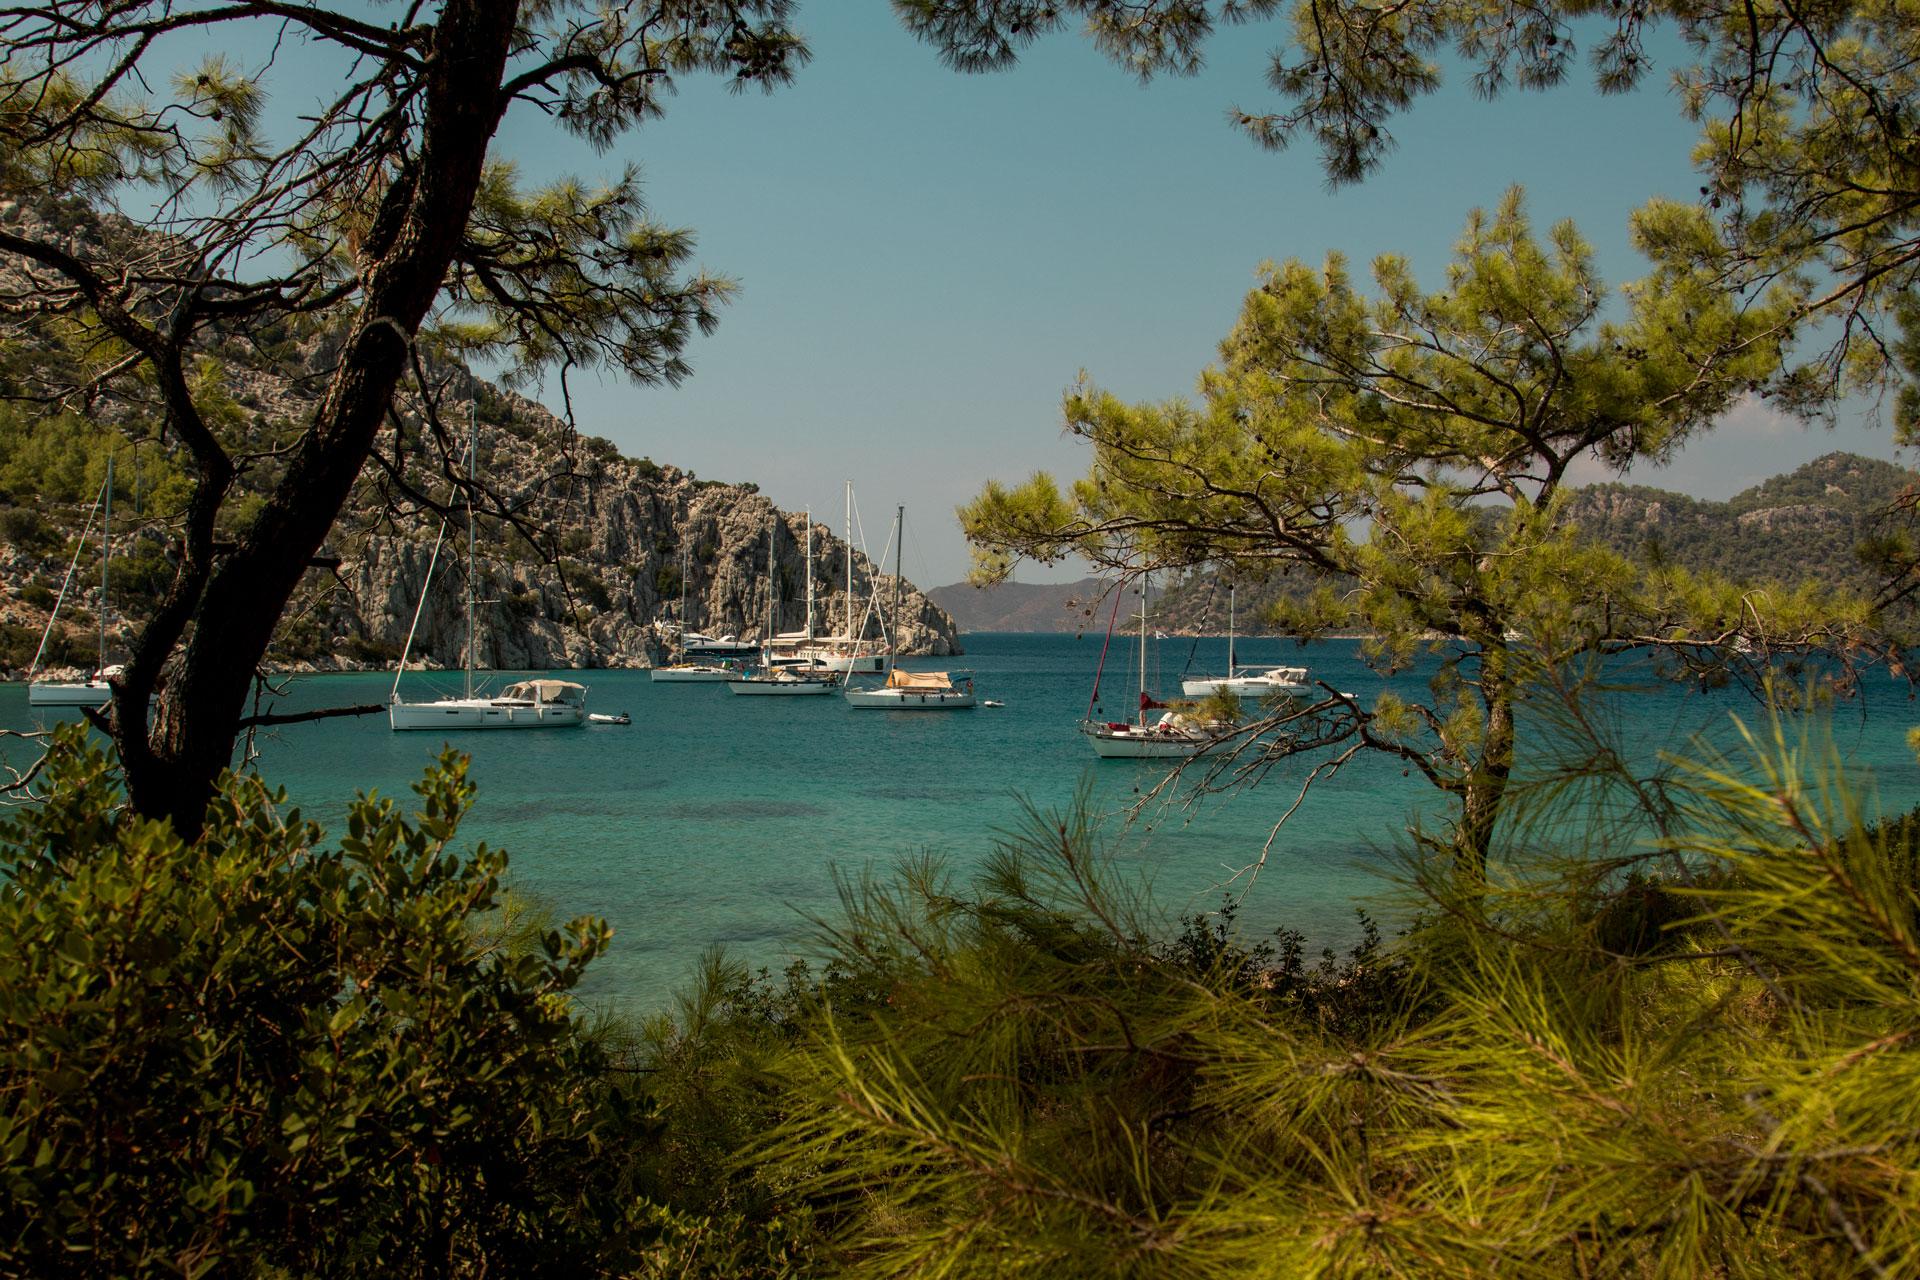 Cennet Koyu Fotoğrafları Selimiye Marmaris Muğla Çekergezer Hakan Aydın Fotoğrafları Gezgin Fotoğrafçı www.cekergezer.com www.cekergezer.com